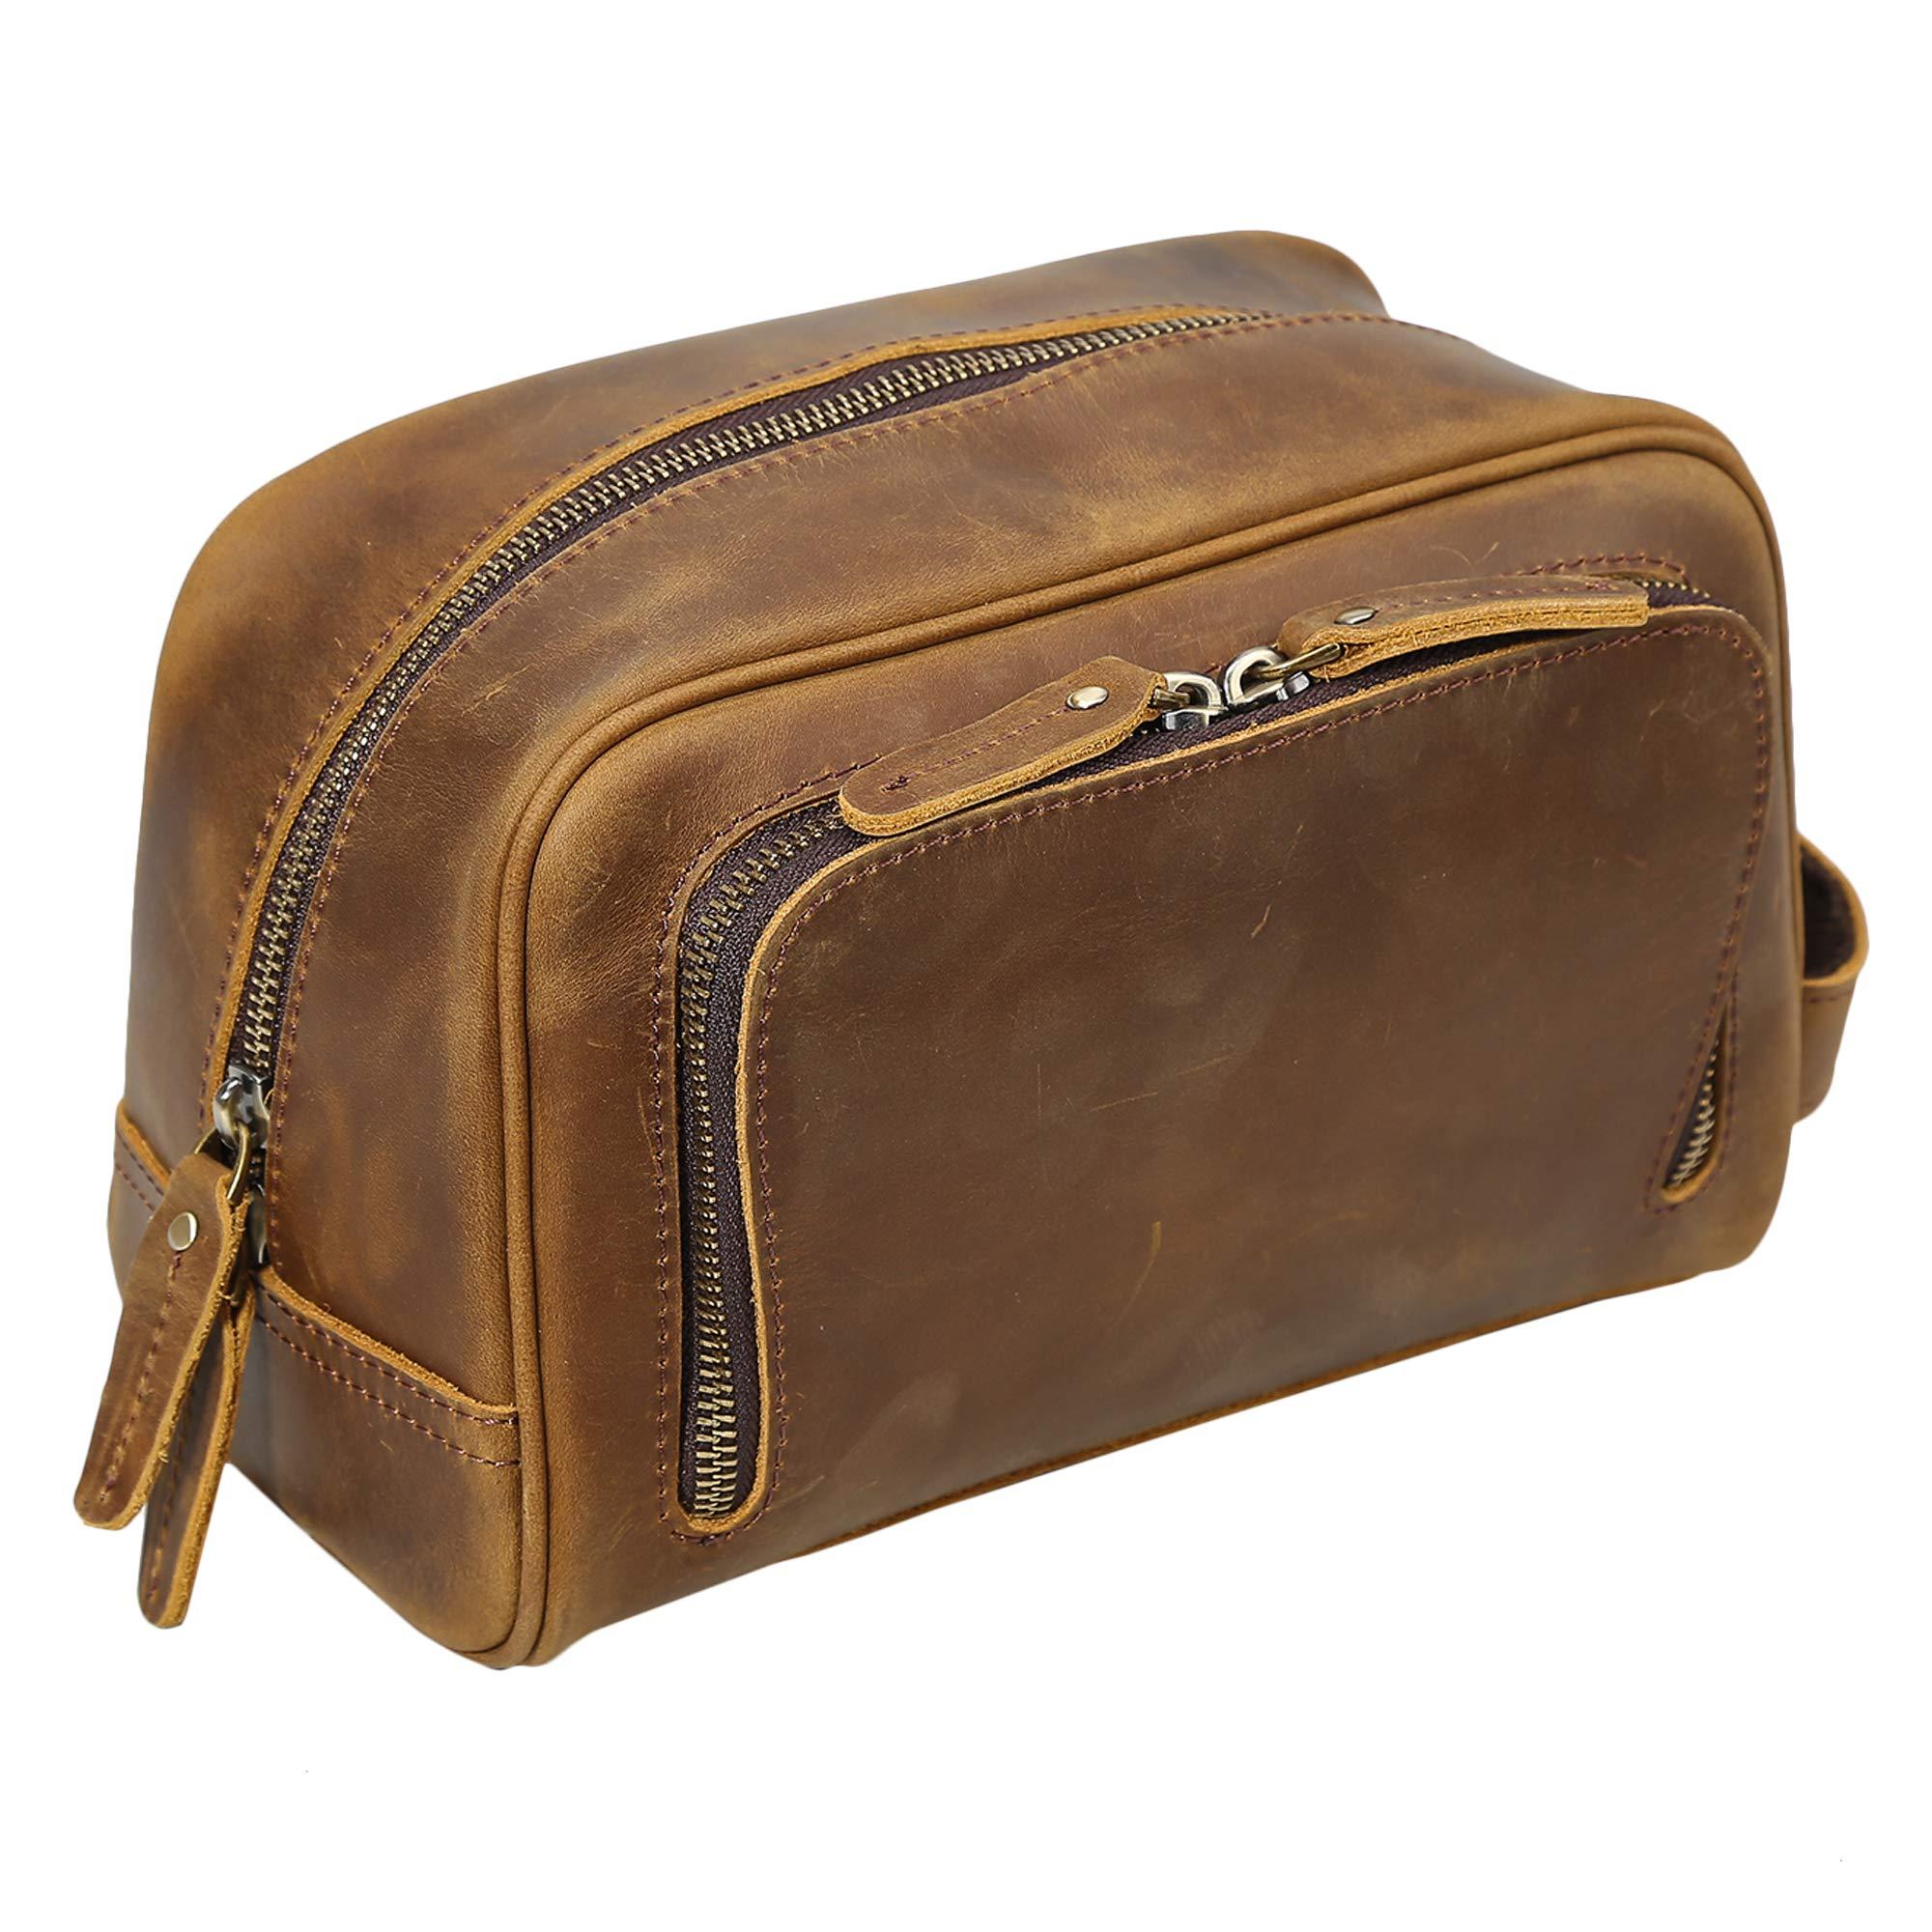 Polare Vintage Full Grain Leather Handmade Travel Toiletry Bag for Men - Dopp Kit - Shaving Kit with YKK Metal Zippers by POLARE ORIGINAL